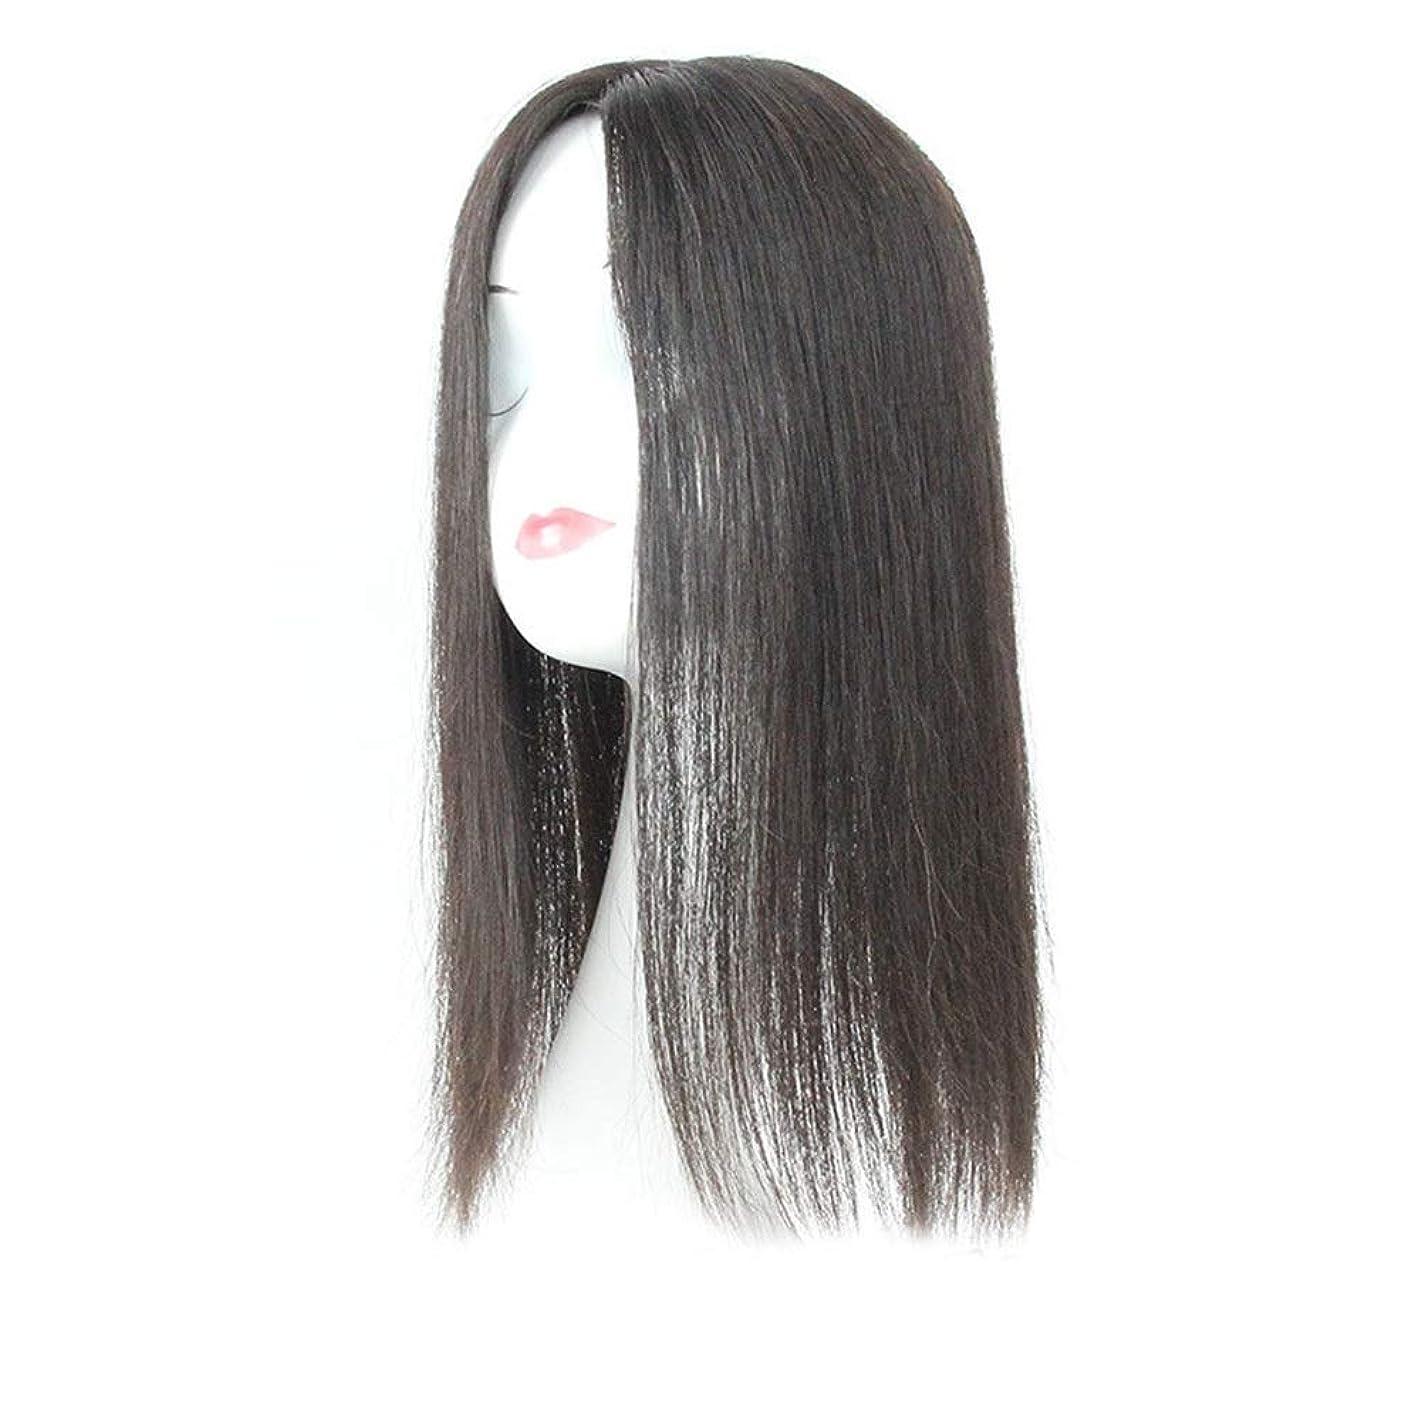 唇五月好きであるVergeania 白髪党かつらをカバーするための本物の髪ふわふわかつらの女性の長いストレートヘアピンクリップ (色 : Natural black, サイズ : 20cm)